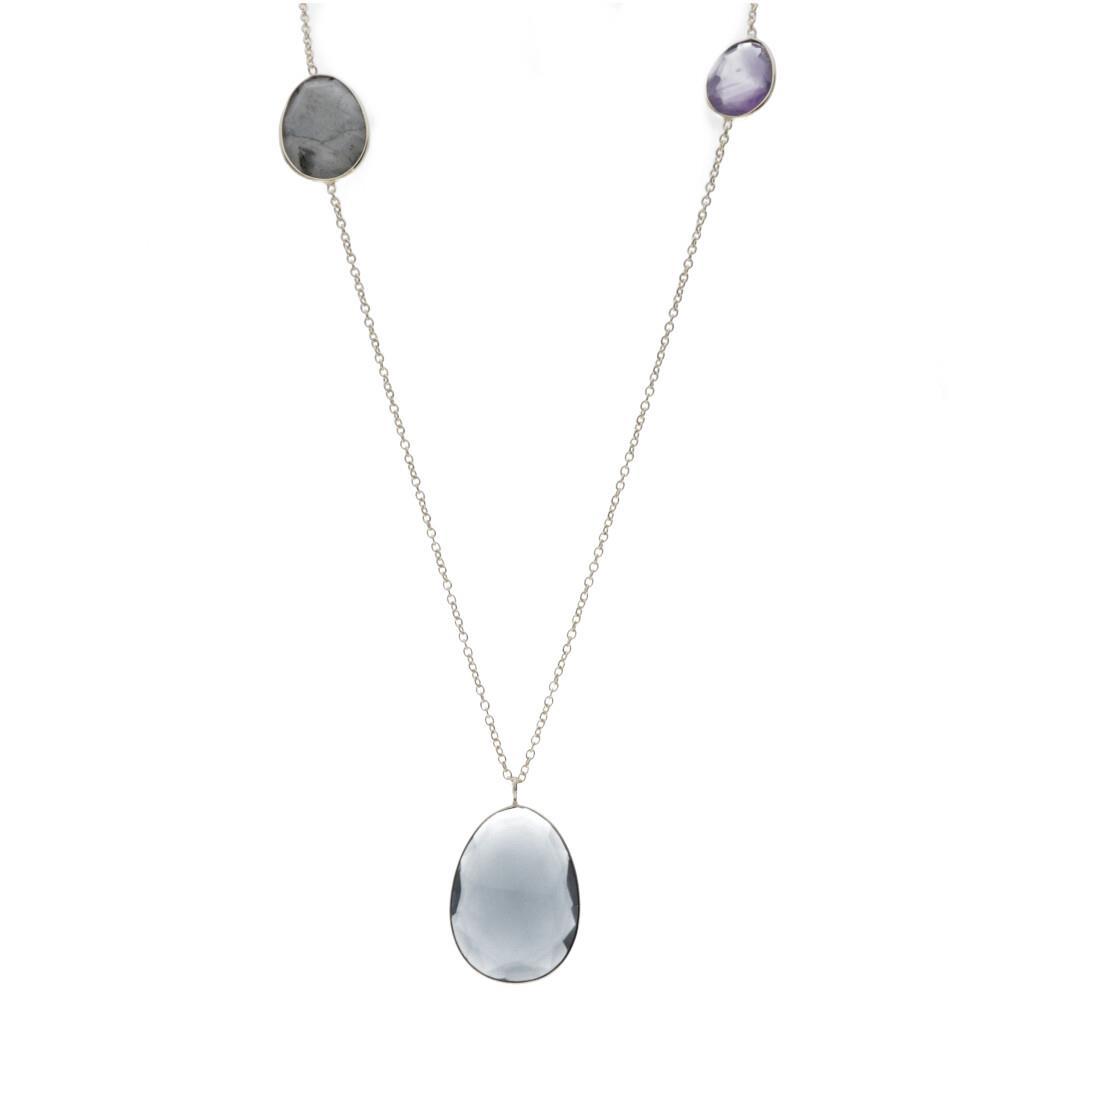 Collana lunga in argento con pietre naturali colorate - ALFIERI & ST. JOHN 925